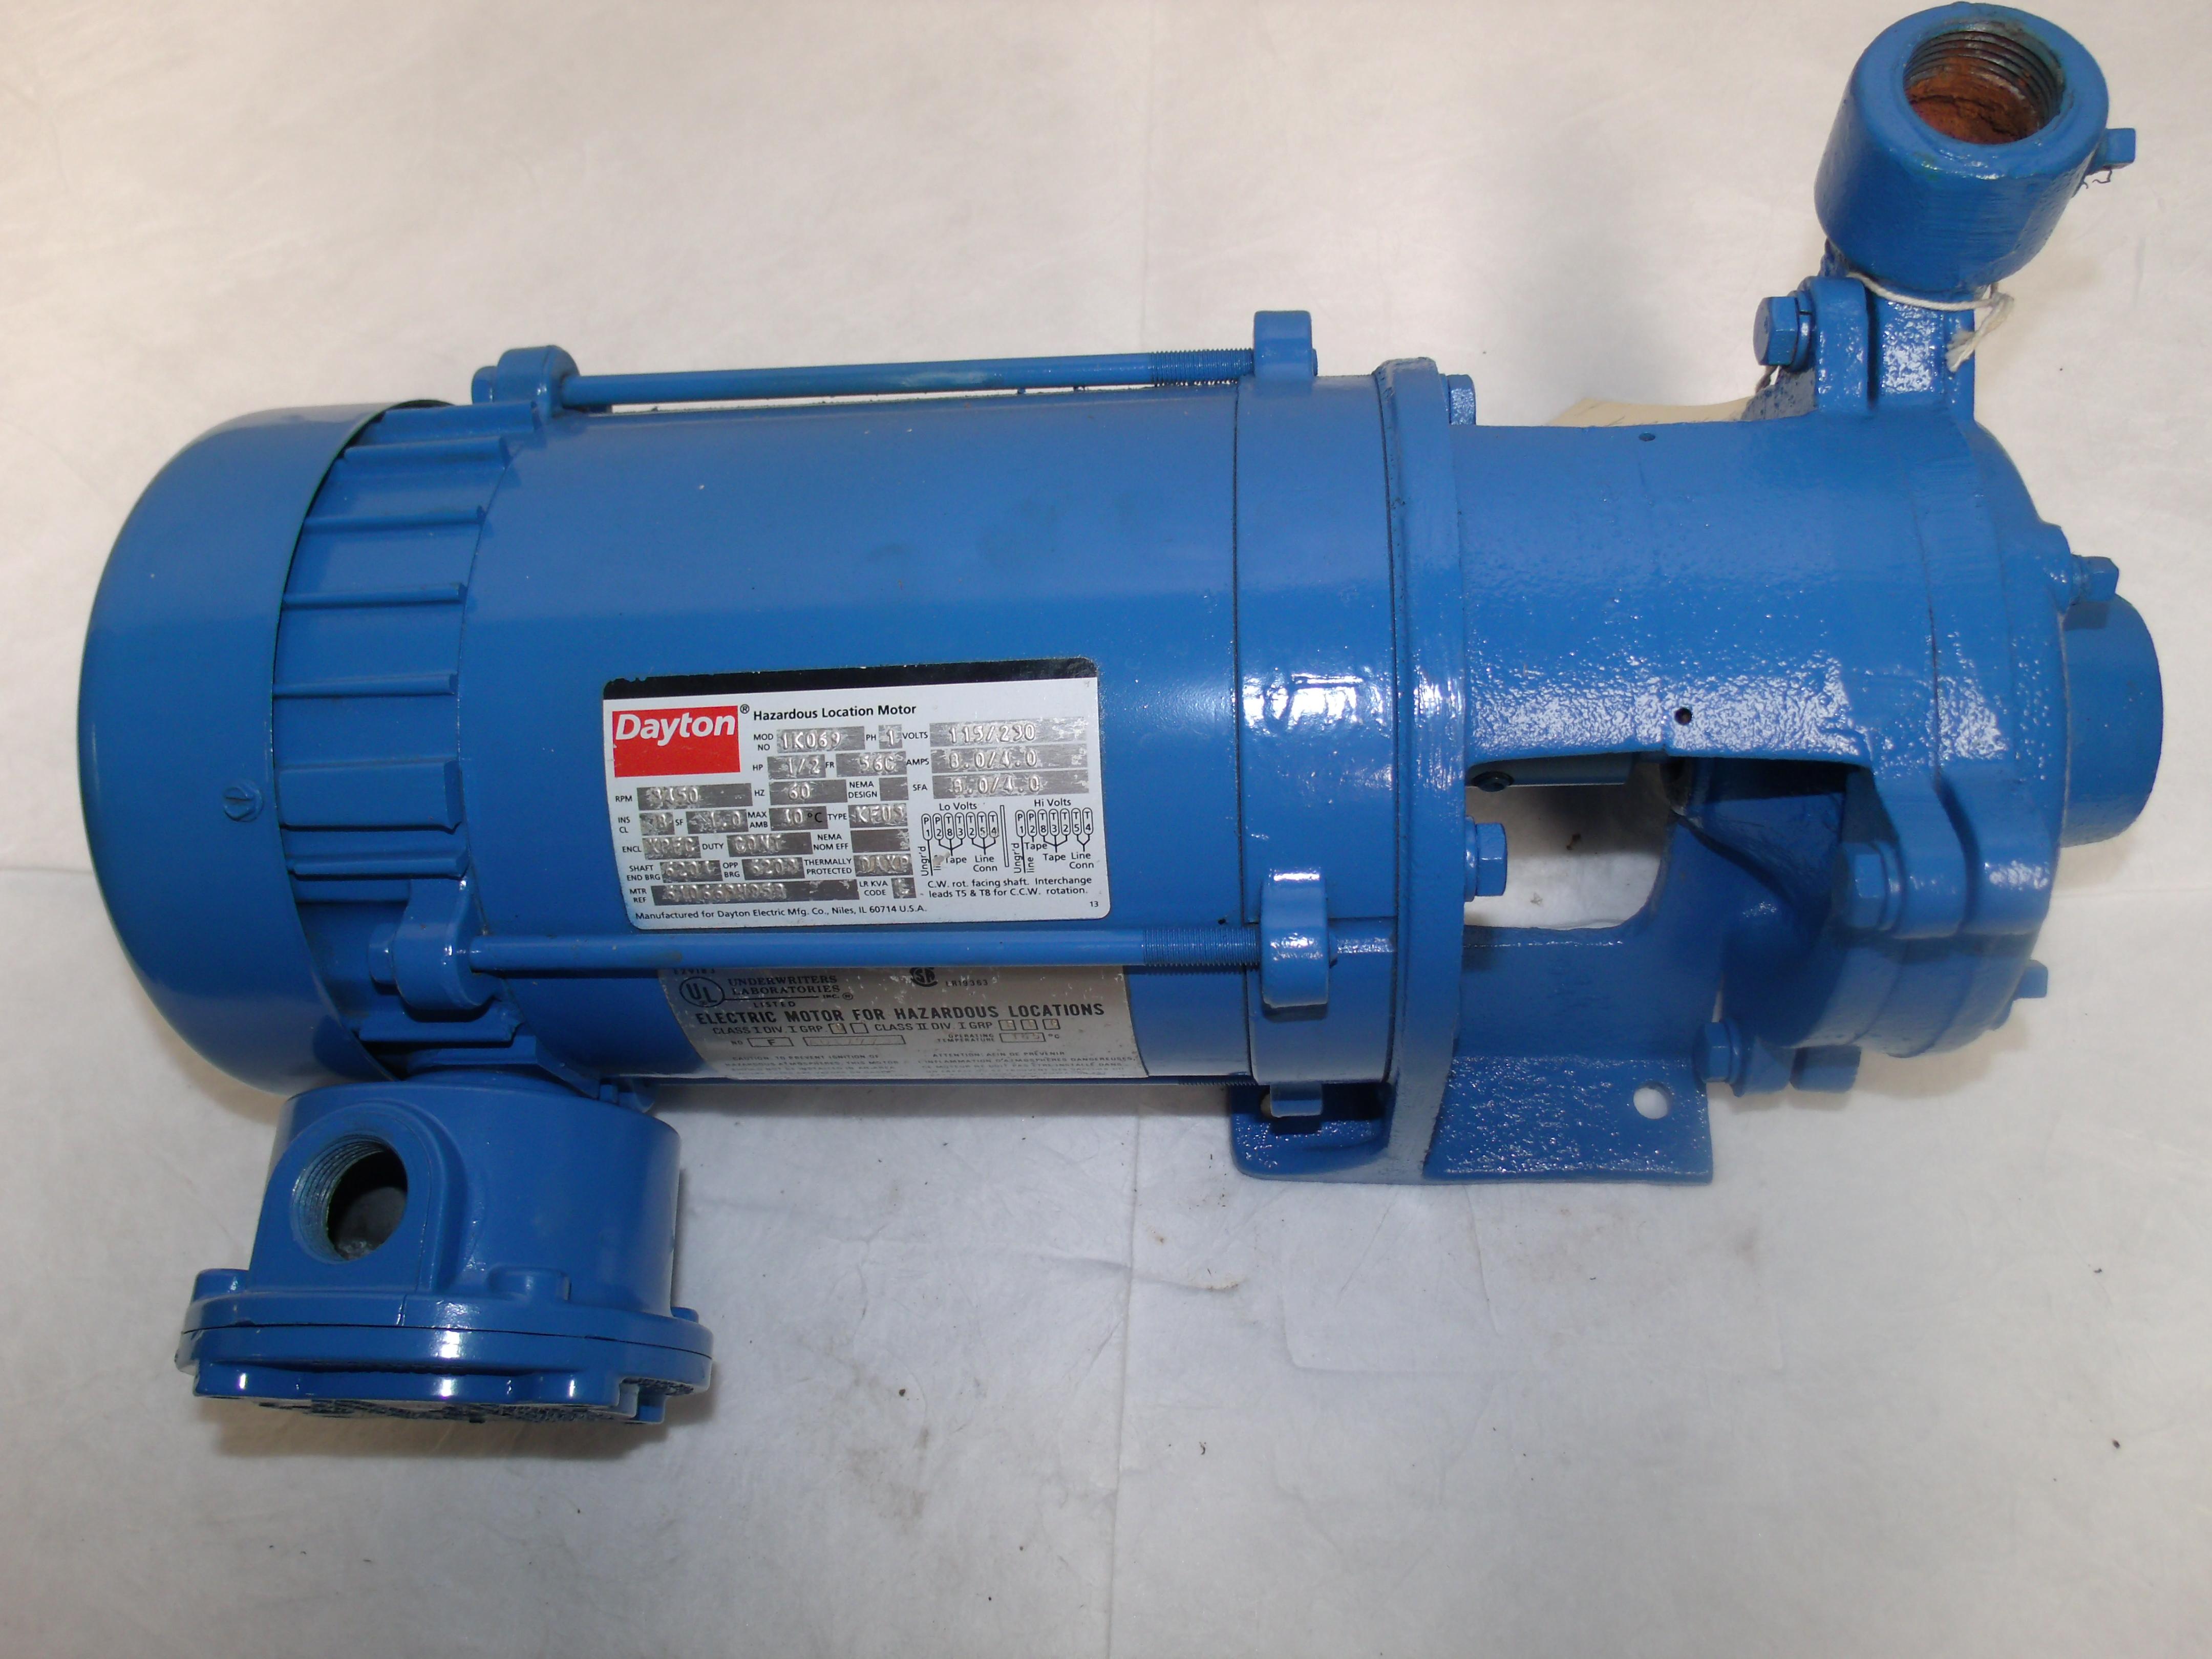 Dayton Centrifugal Fans : X dayton centrifugal pump hp advanced